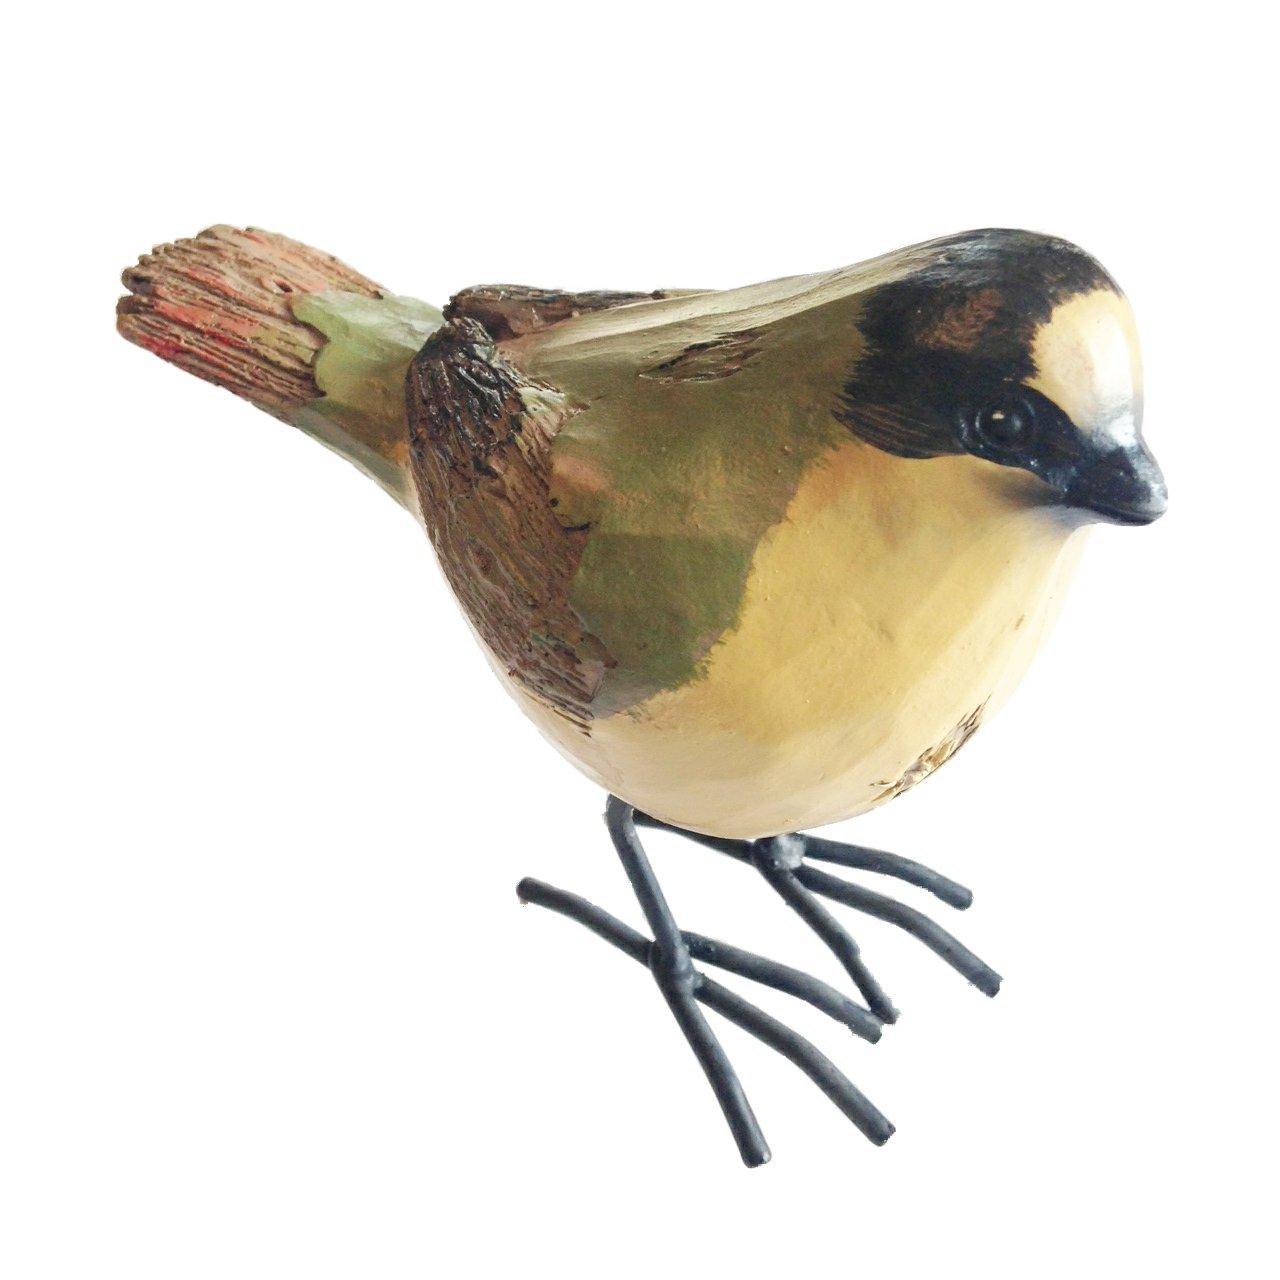 KK Interiors Green and Yellow Resin Bird Standing 35H Woodlook bird made out of polyresin